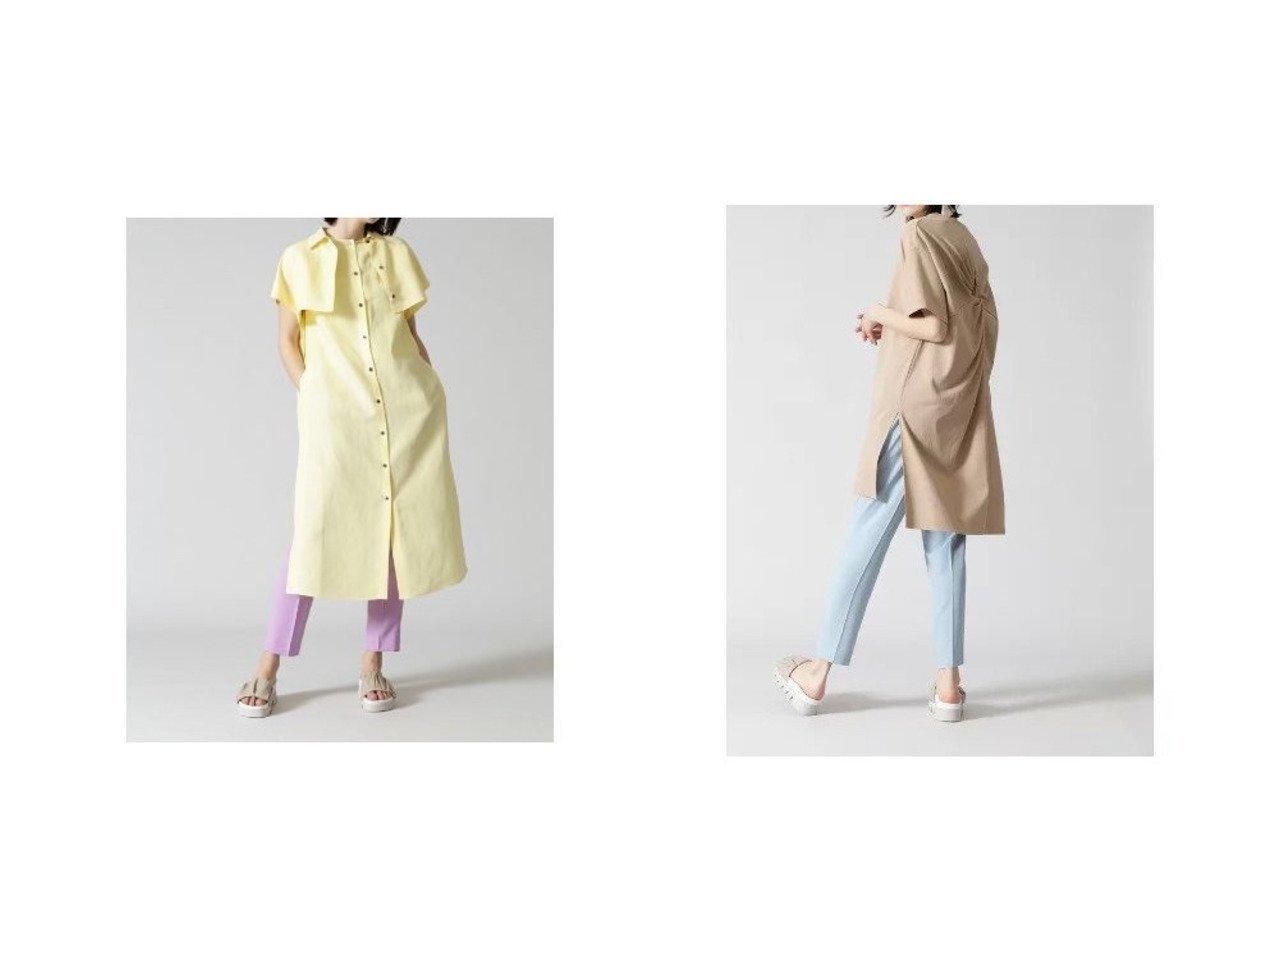 【ADORE/アドーア】のライトジョーゼットテーパードパンツ 【パンツ】おすすめ!人気、トレンド・レディースファッションの通販 おすすめで人気の流行・トレンド、ファッションの通販商品 インテリア・家具・メンズファッション・キッズファッション・レディースファッション・服の通販 founy(ファニー) https://founy.com/ ファッション Fashion レディースファッション WOMEN パンツ Pants ジョーゼット ドレープ |ID:crp329100000049382